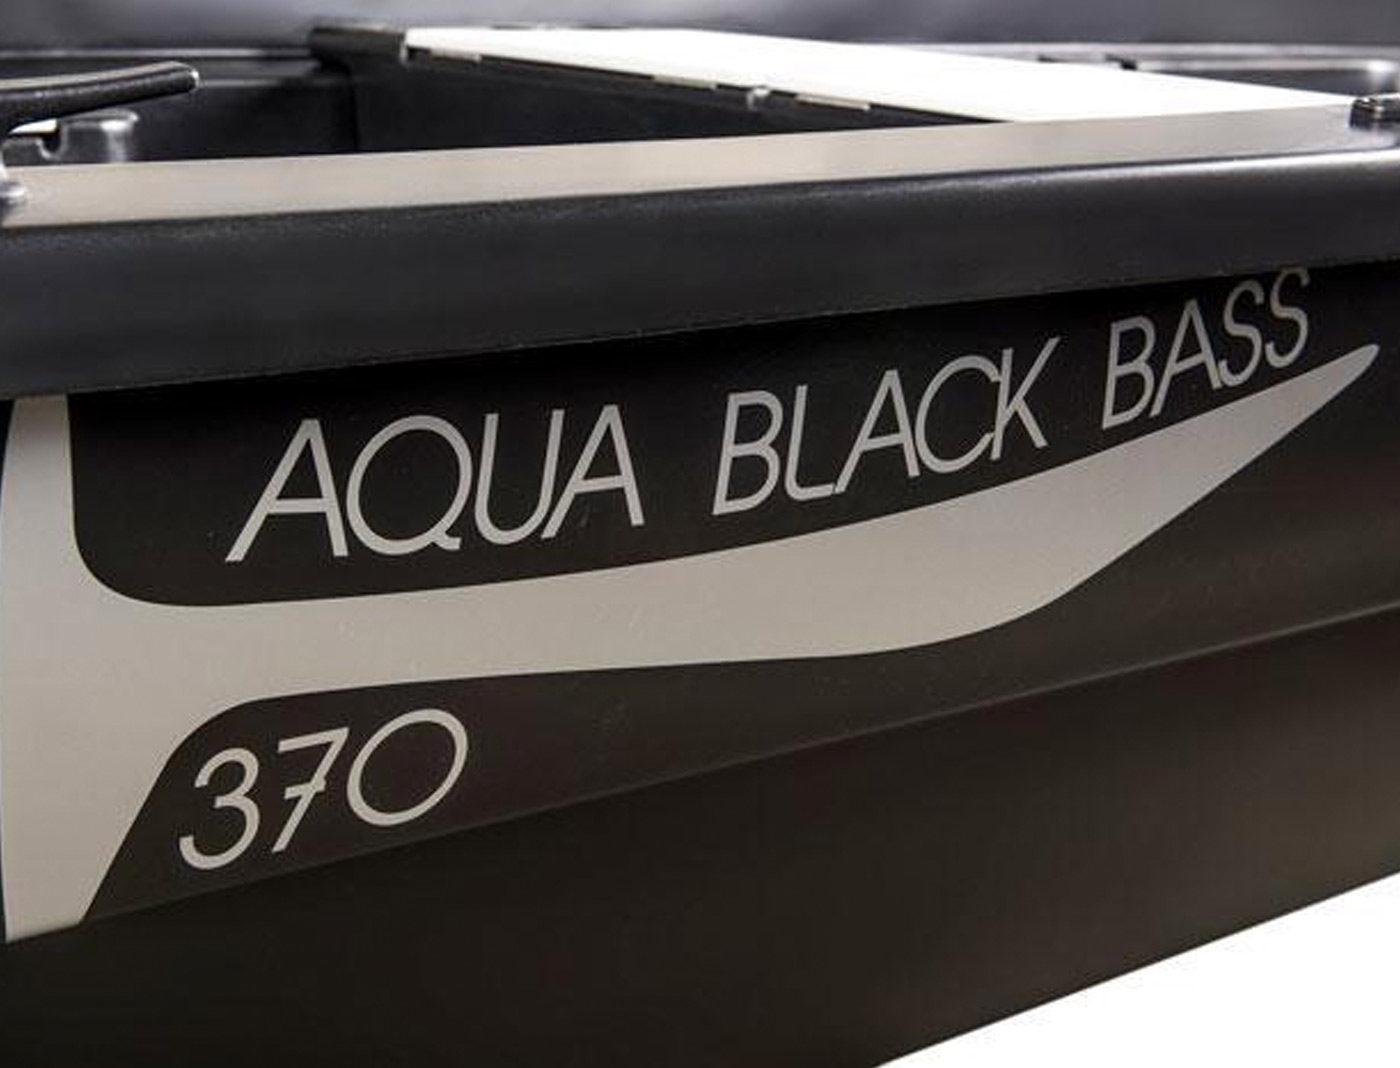 Aqua 370 Black Bass 2